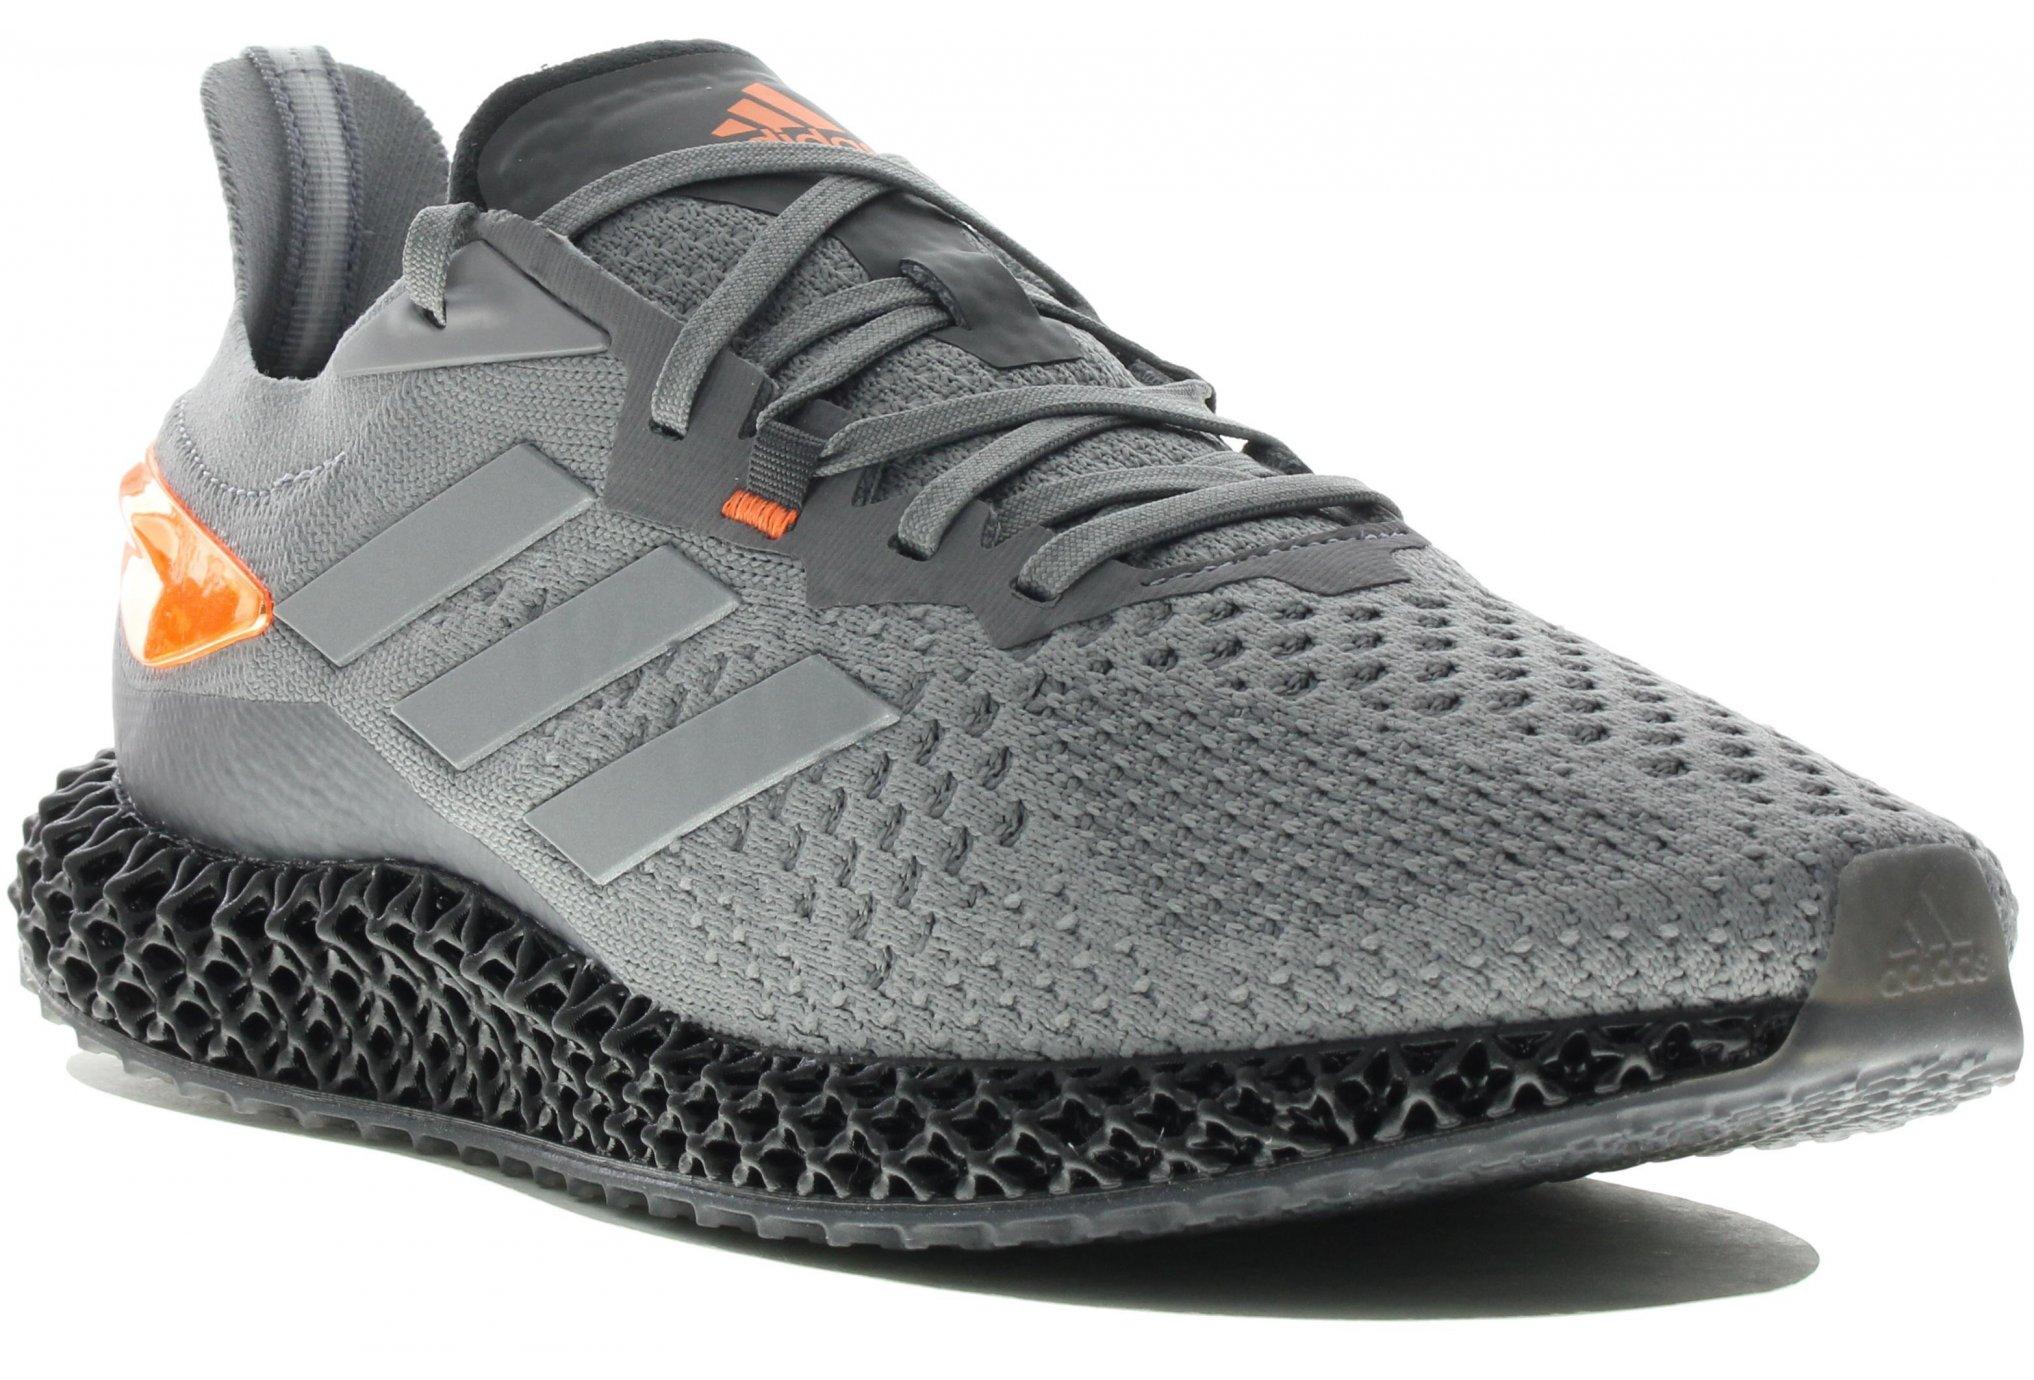 adidas X9000 4D M Diététique Chaussures homme